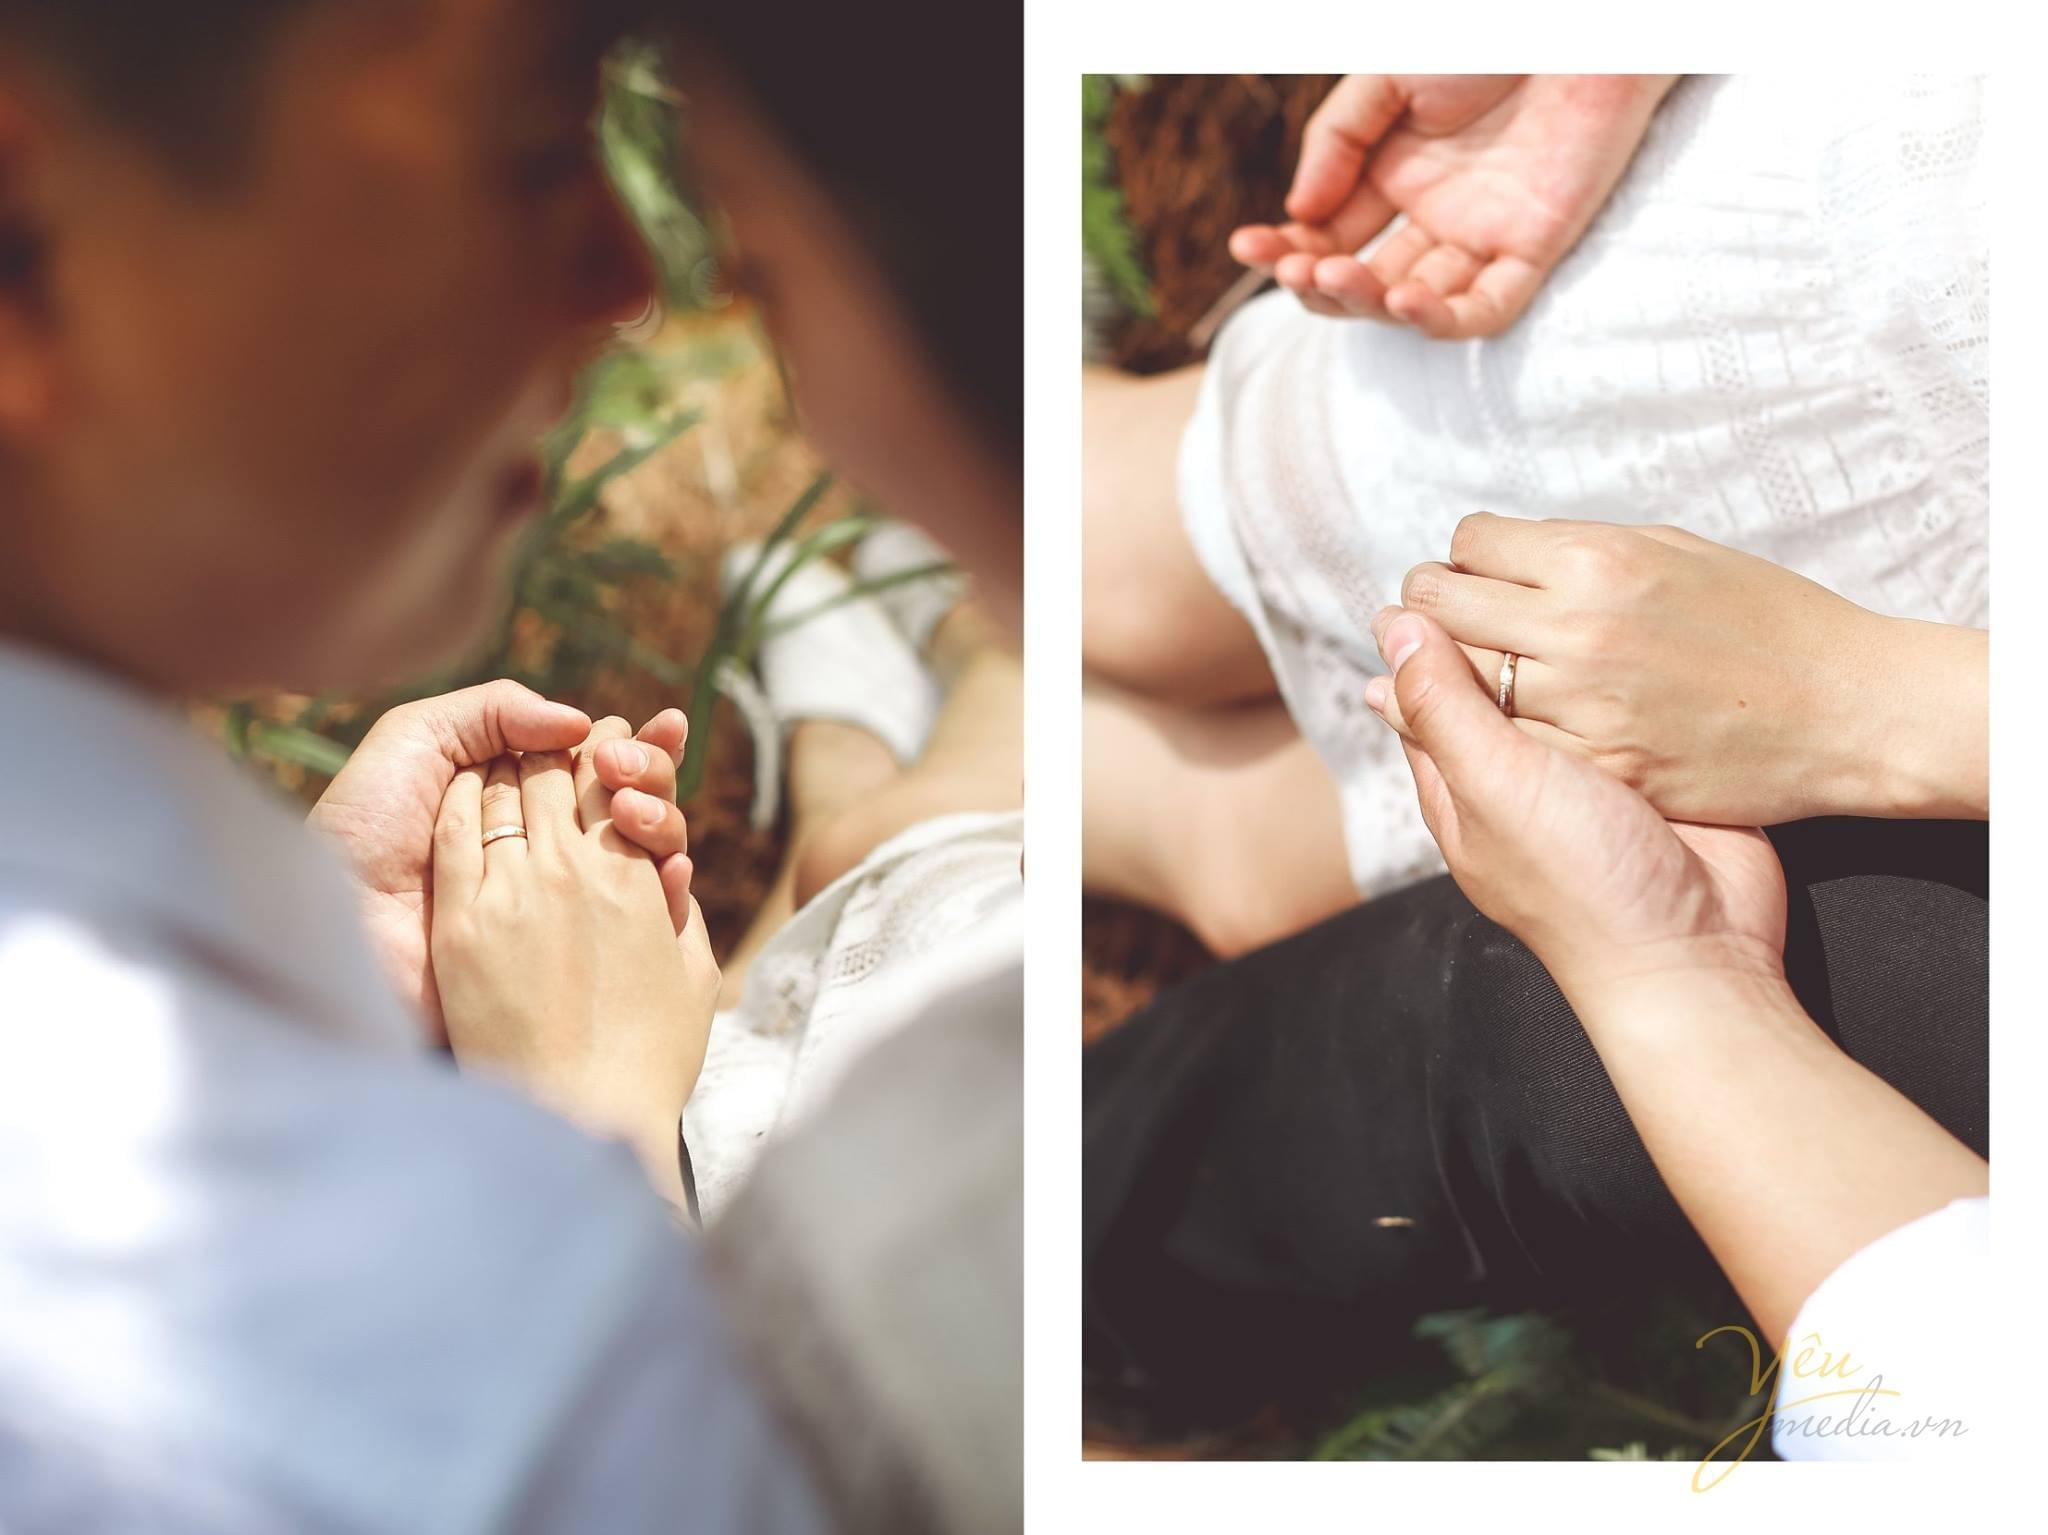 ảnh chụp cô dâu chú rể chạm mũ cầm tay đeo nhẫn cưới